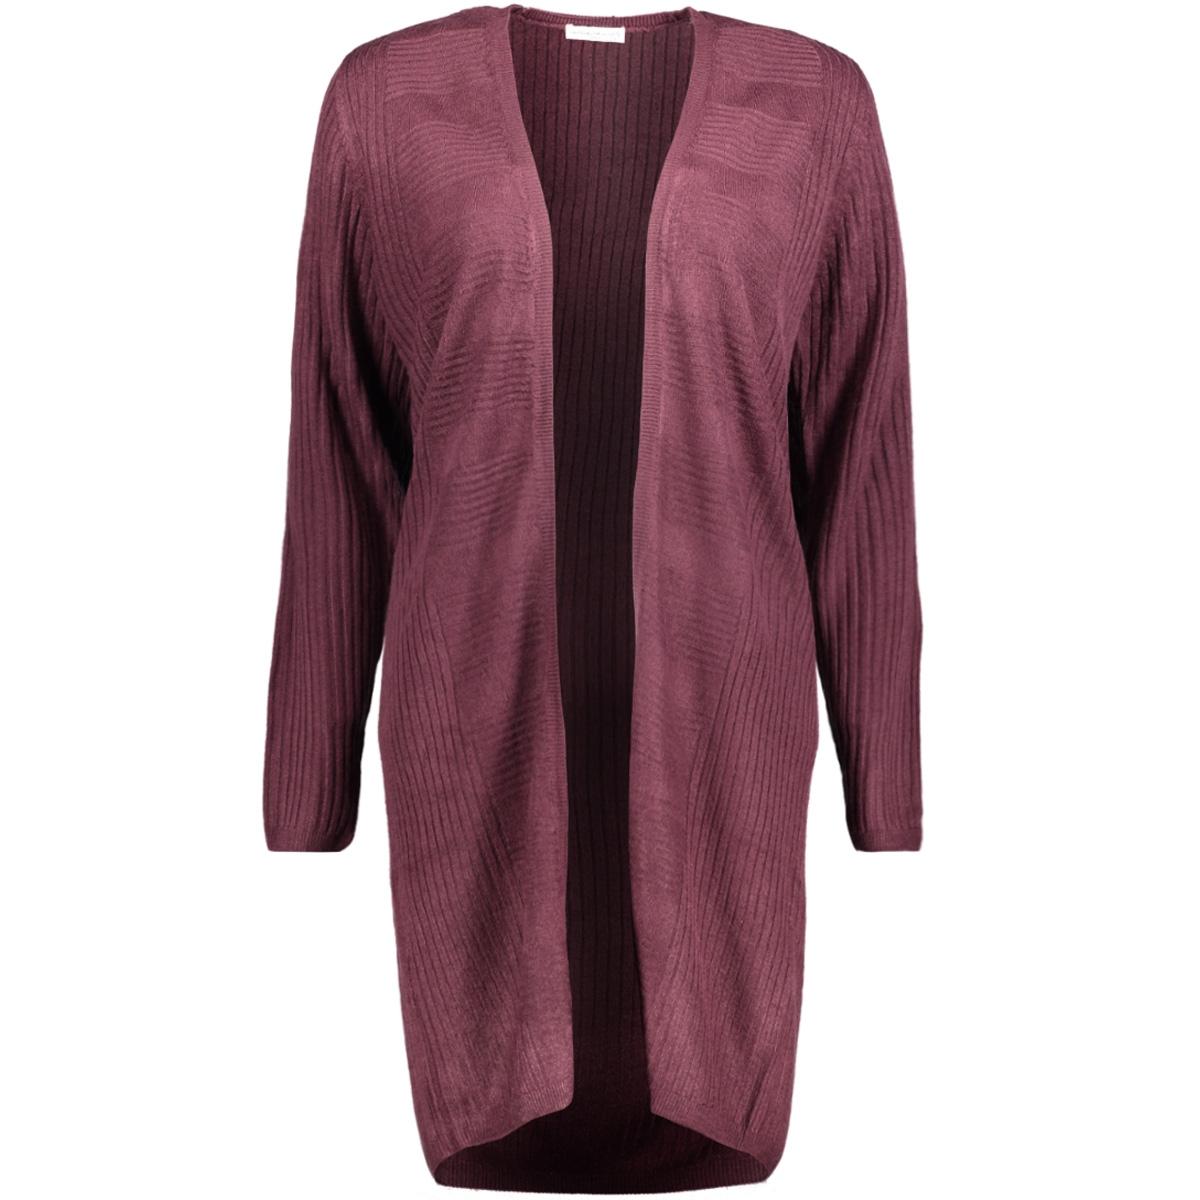 jdycake l/s cardigan knt 15142285 jacqueline de yong vest potent purple